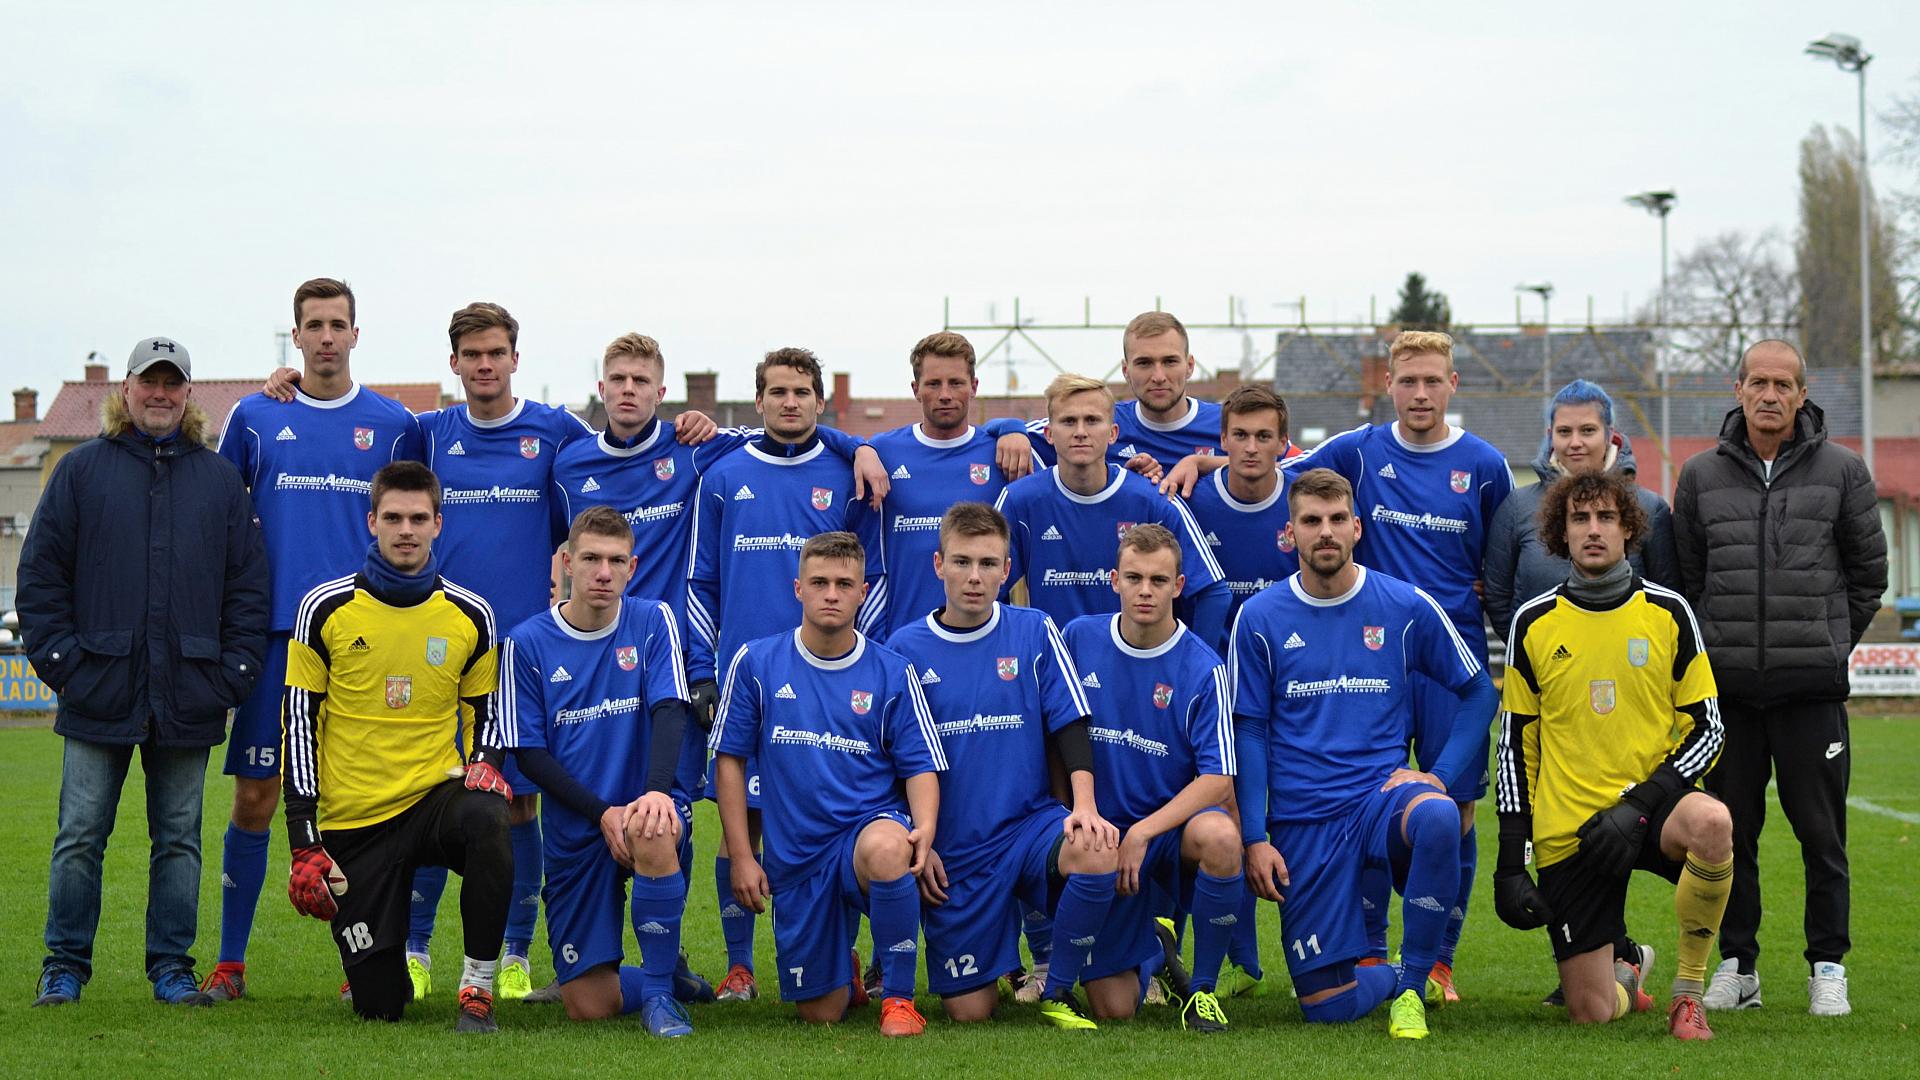 FK NJ - Foto společné muži podzim 2019